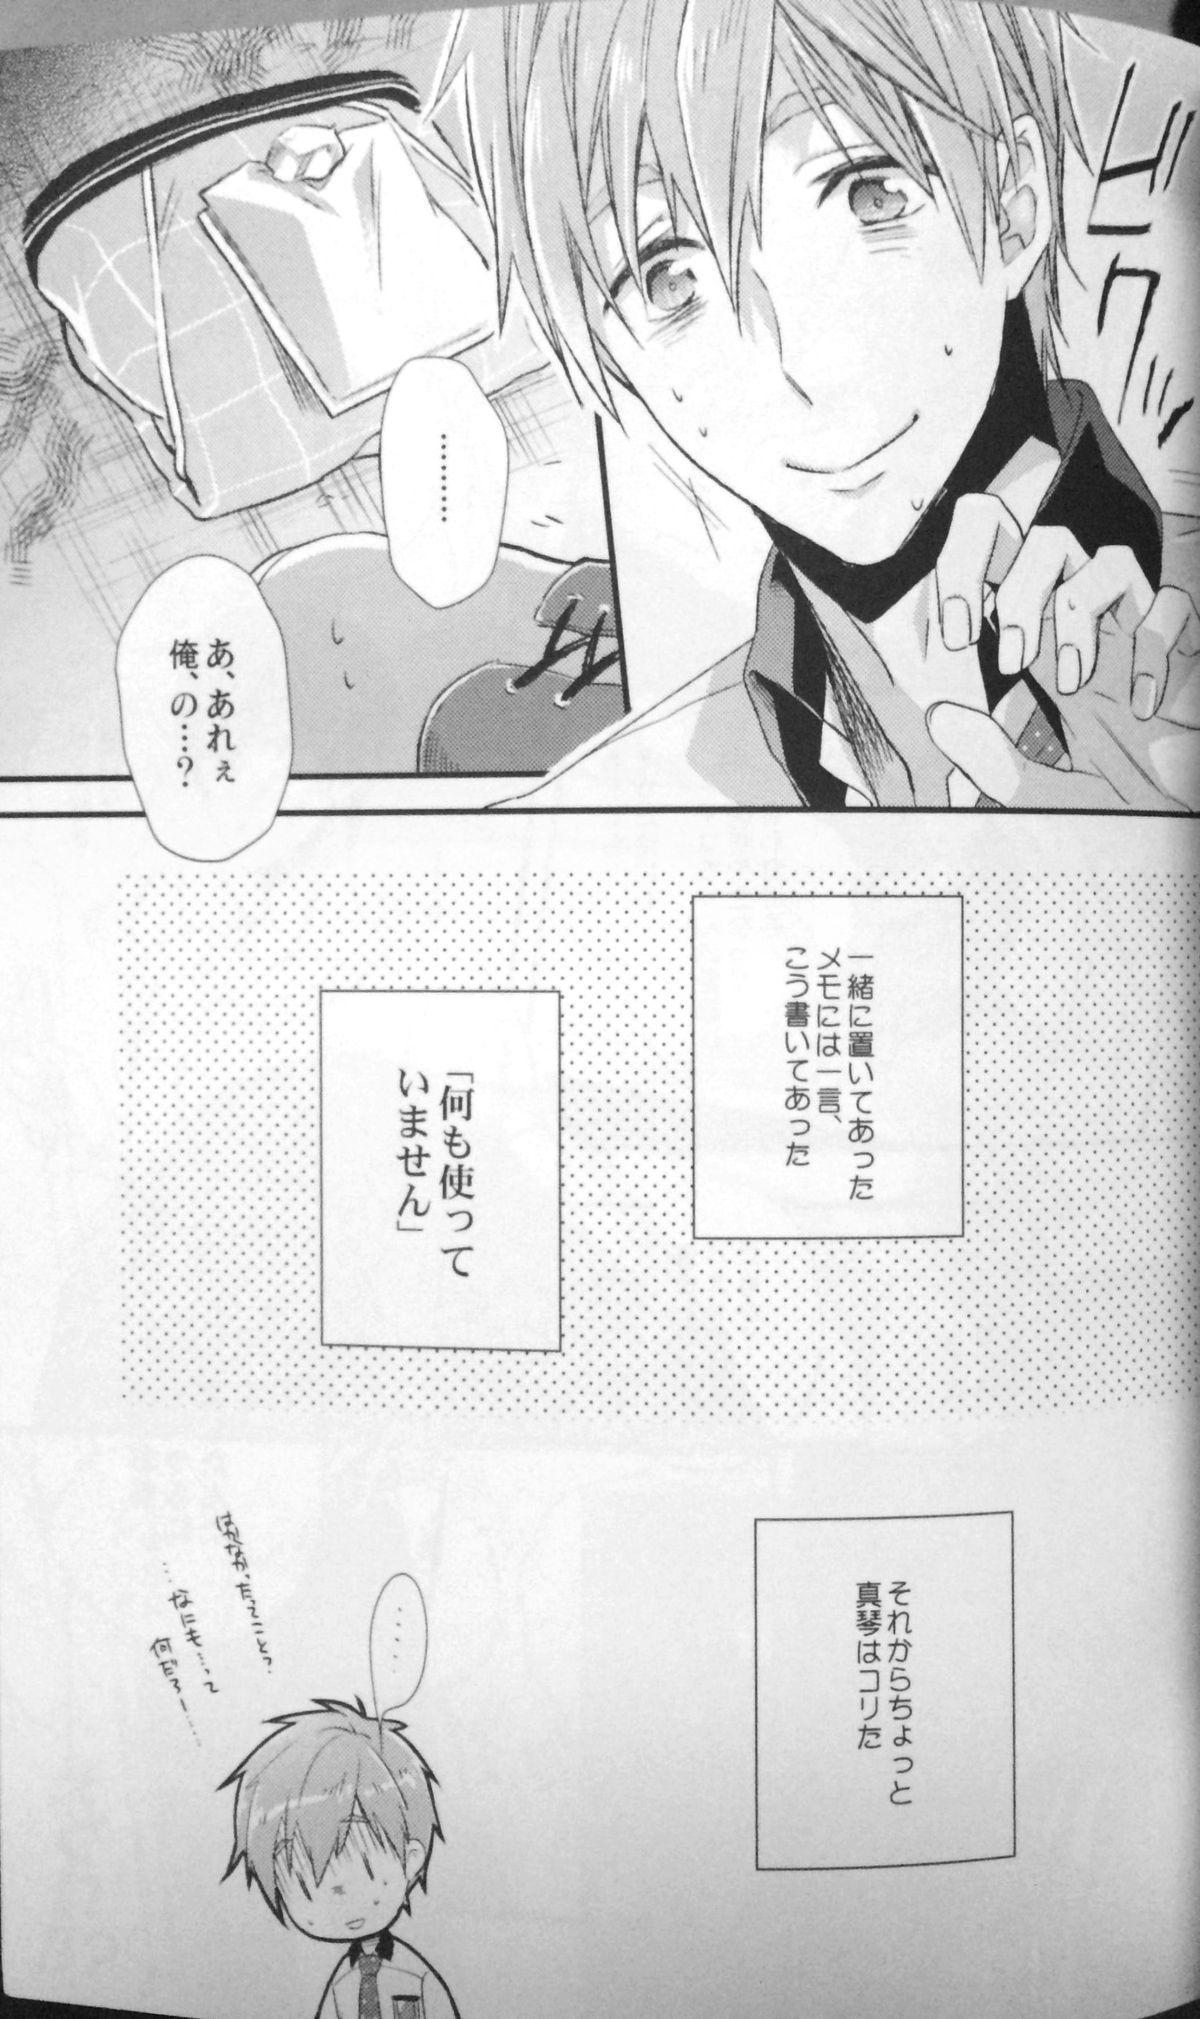 Basuke buchou ni Kokuhaku saretara Haru ni Okorareta 21